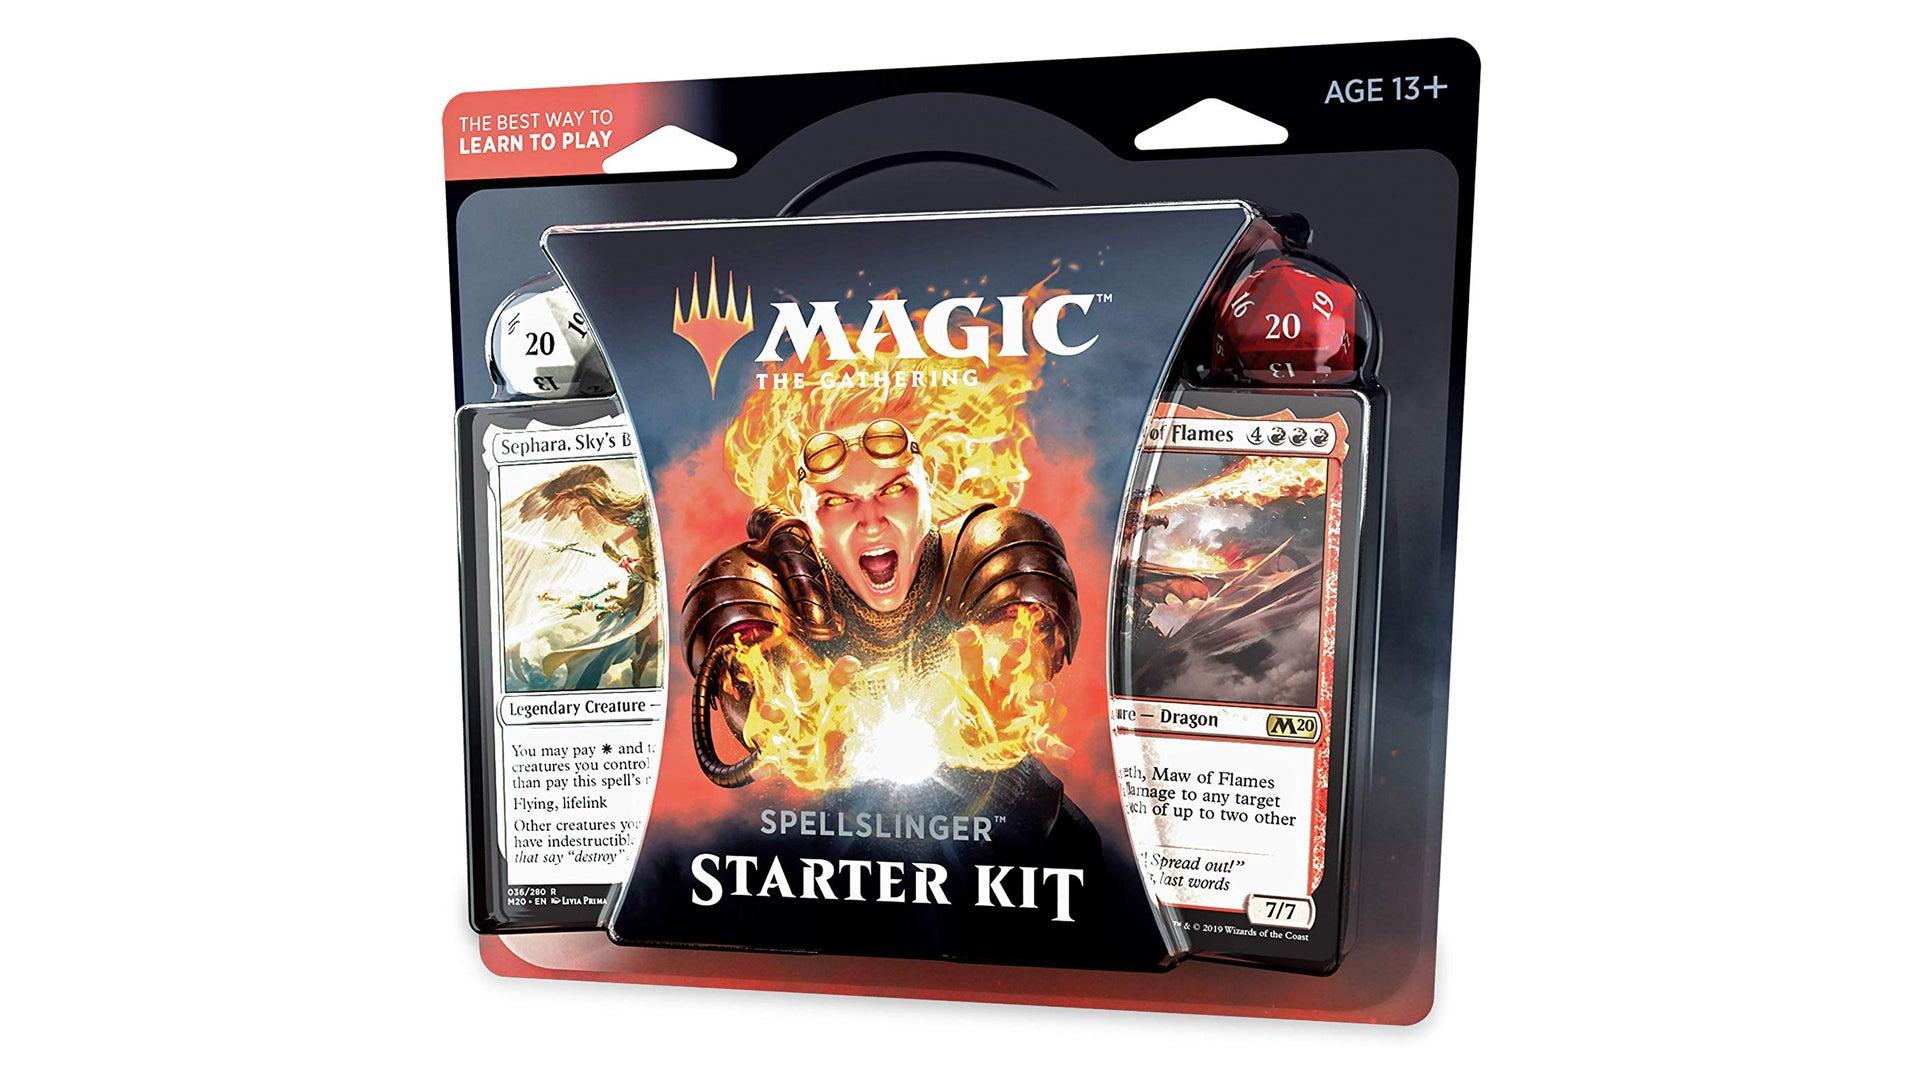 Magic: The Gathering trading card game Spellslinger Starter Kit 2020